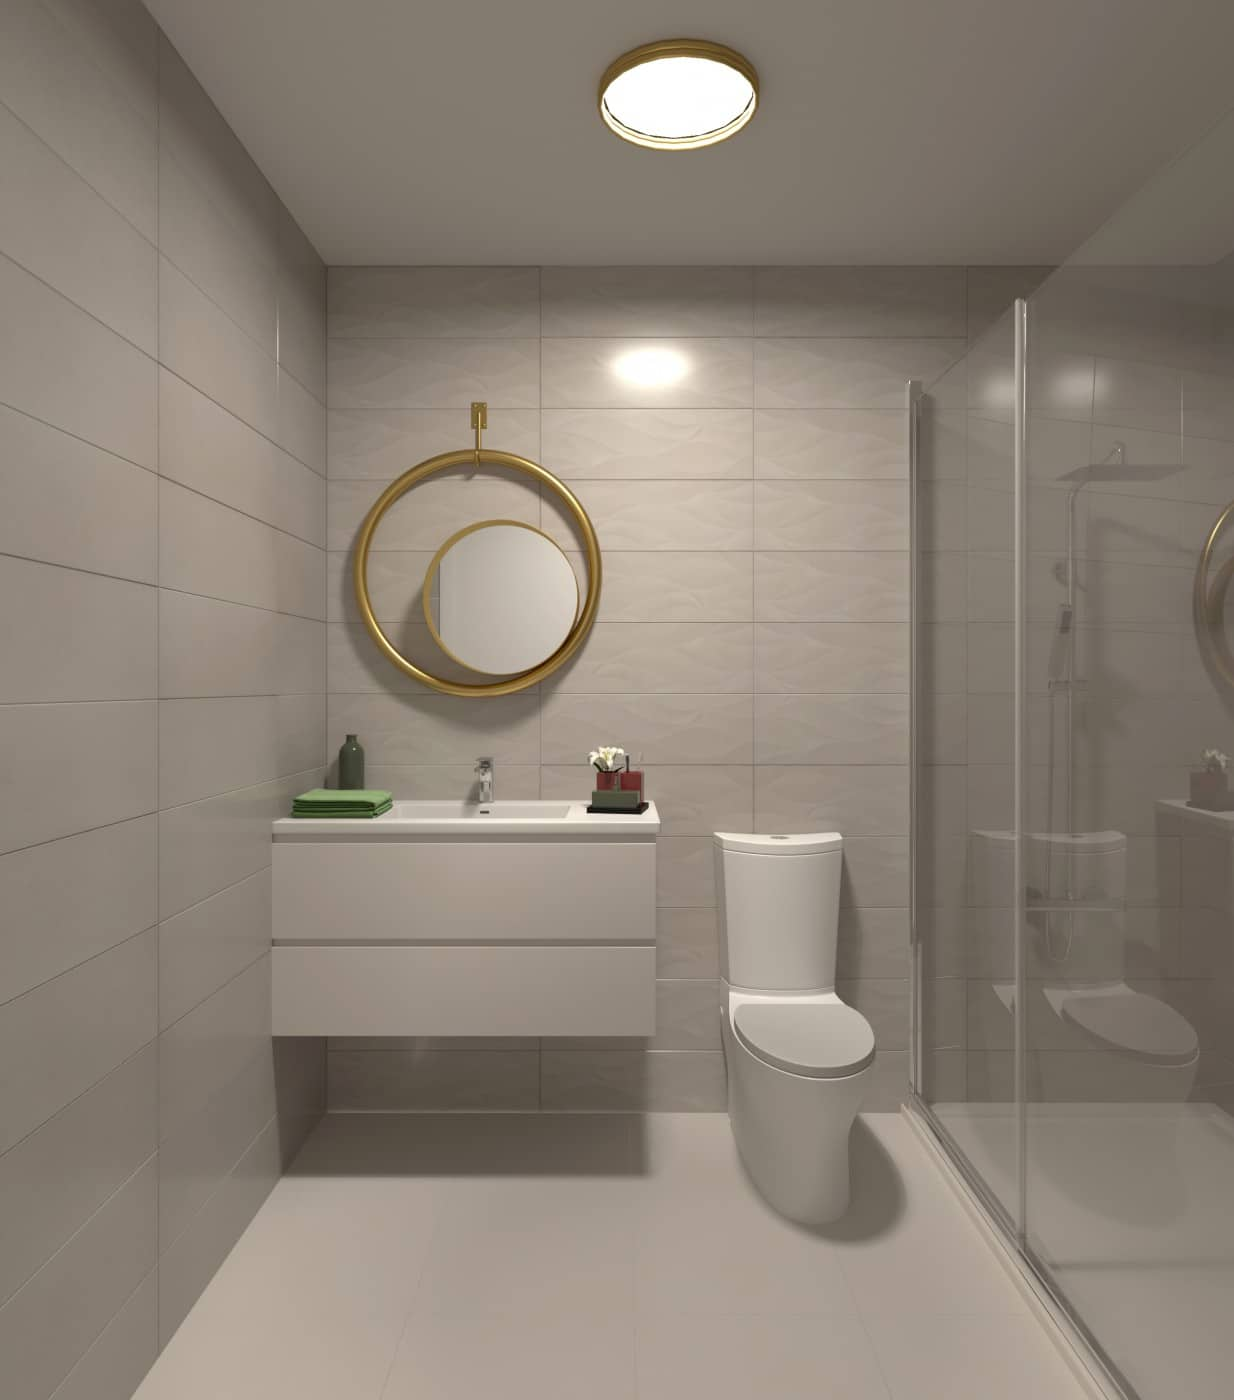 nowe-apartamenty-w-kompleksie-z-pieknymi-basenami-4-17909